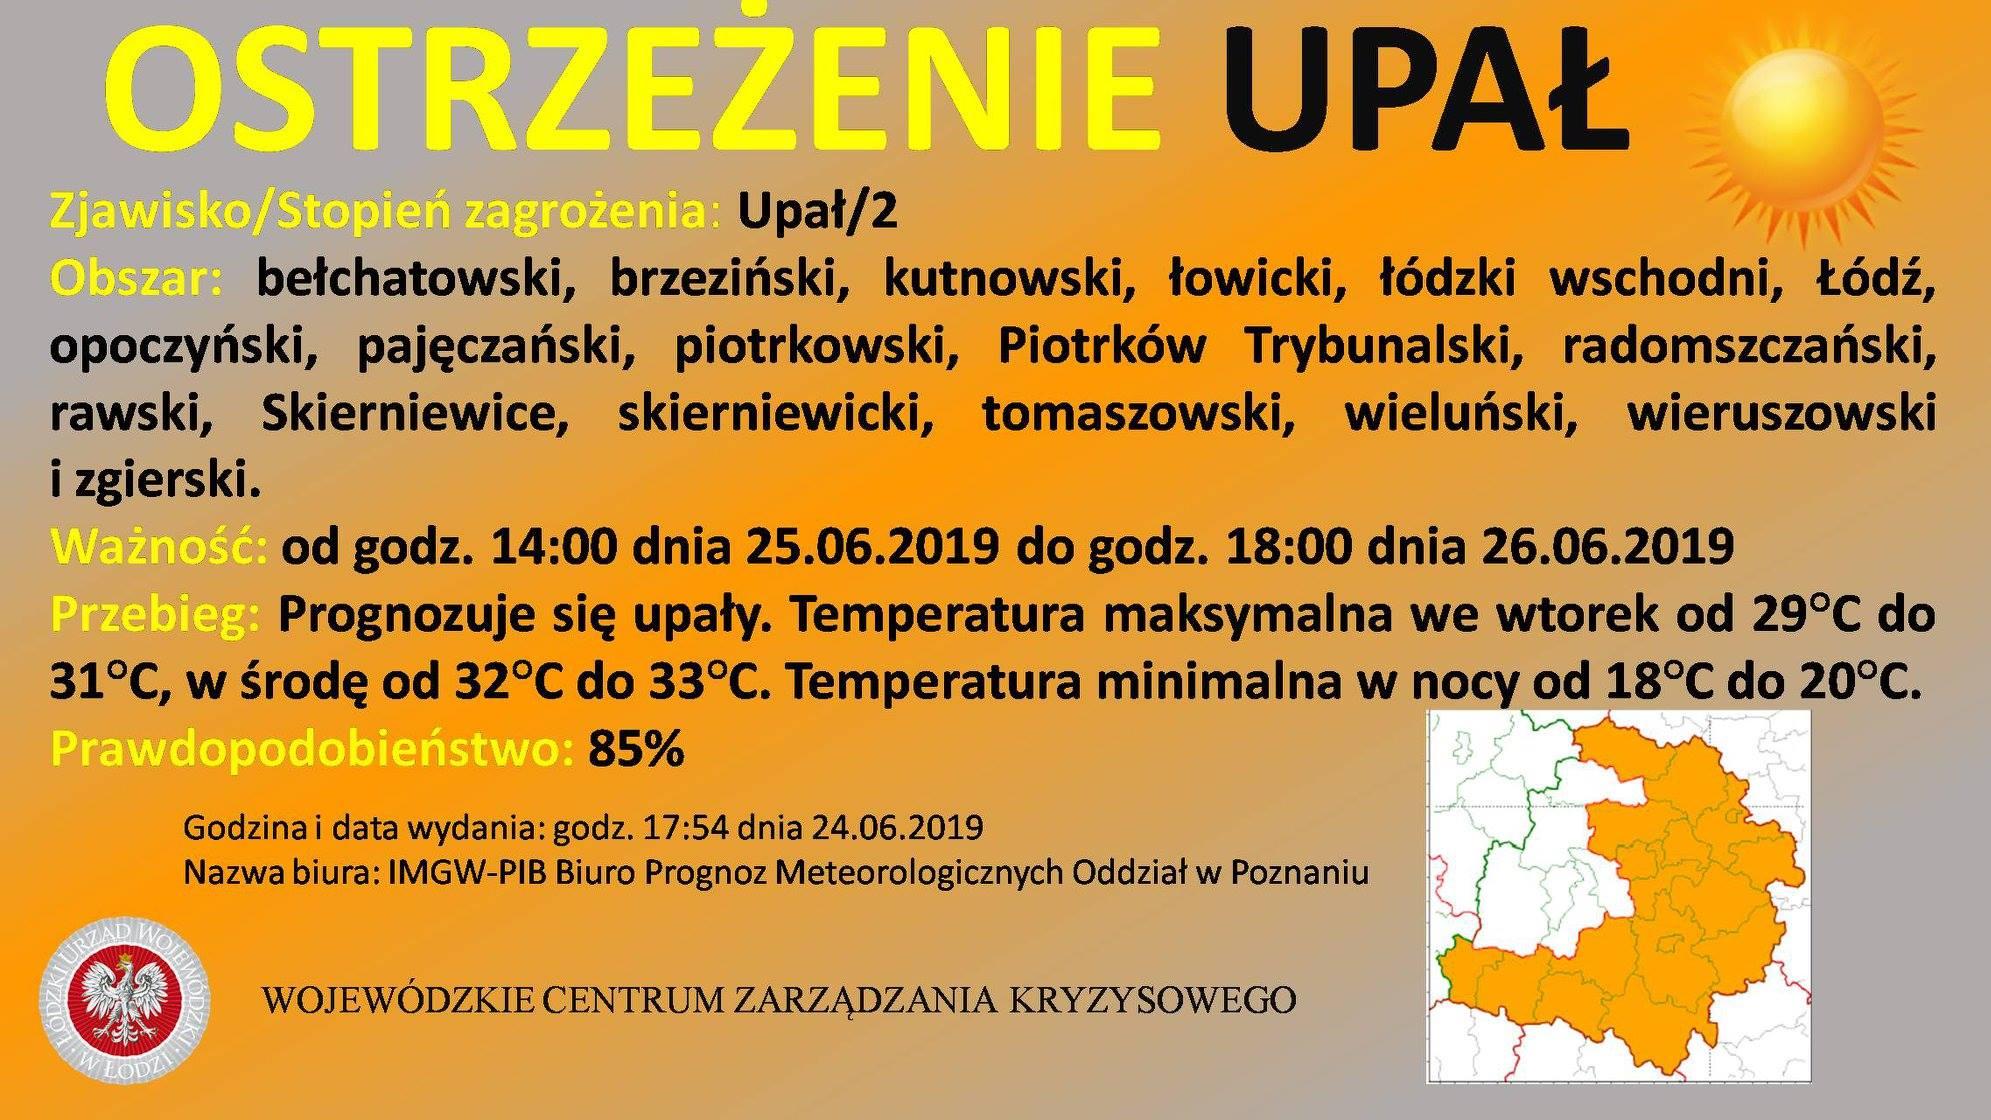 Ostrzezenia meteorologiczne dot. upalow zostaly wydane dla wszystkich powiatow w.fna&oh=cff241b9299fef0210f255c21a70c2e4&oe=5EA02DBA - Ostrzeżenia meteorologiczne dot. upałów zostały wydane dla wszystkich powiatów w...